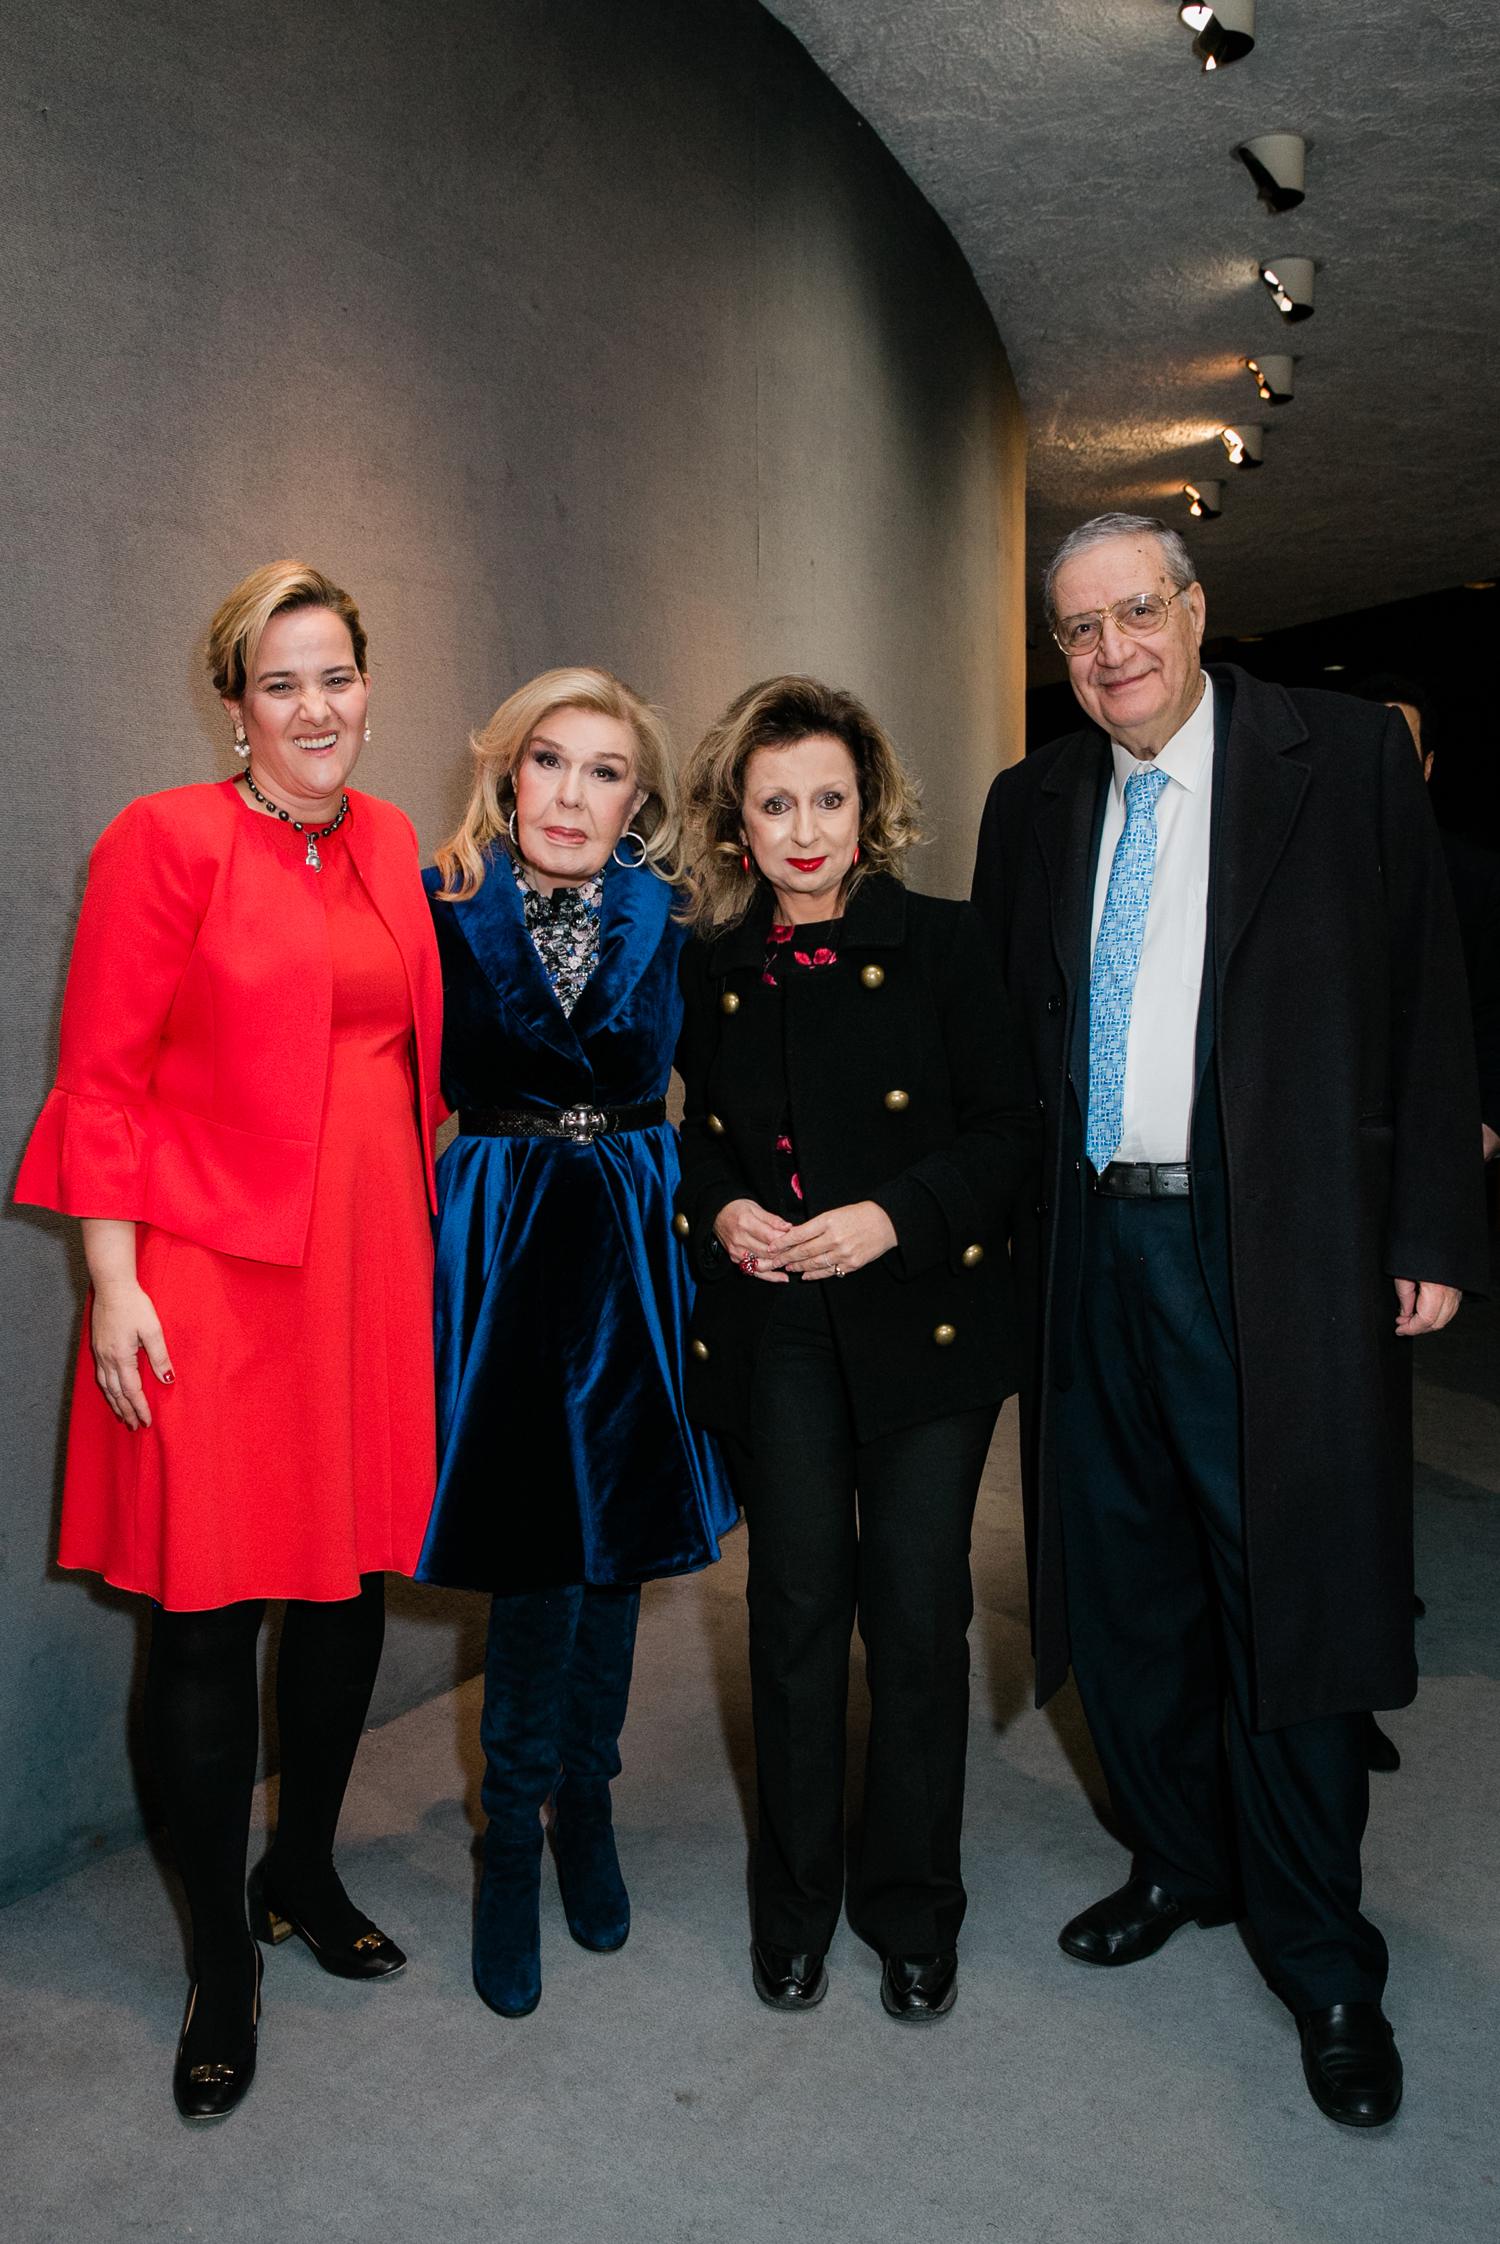 Ρίτα Μωραιτάκη, Μαριάννα Β. Βαρδινογιάννη, Αγγελική Κουτίβα, Αλέξανδρος Μωραιτάκης